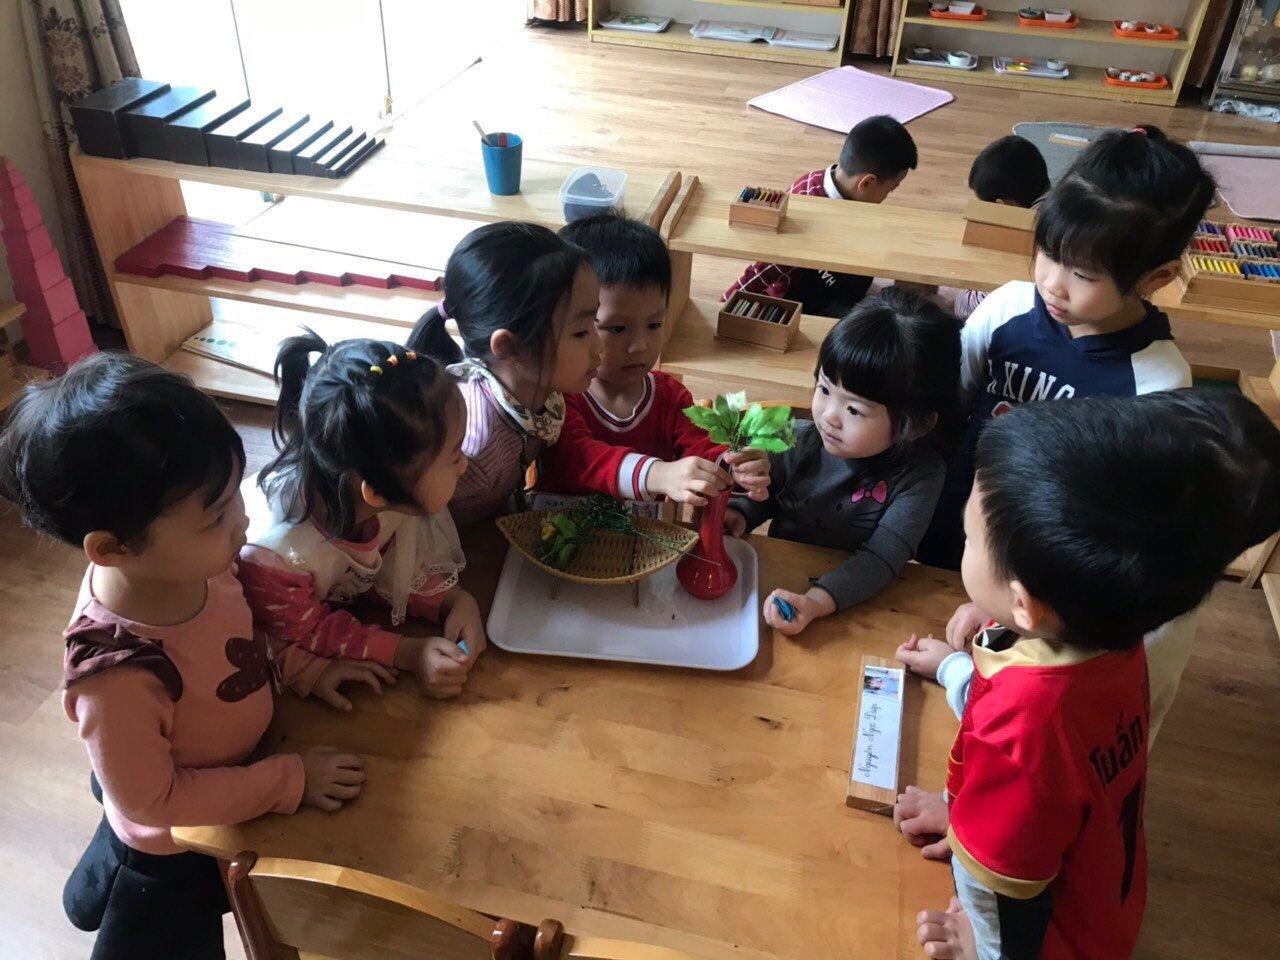 Trường mầm non Mon HCH (Hung Yen Children's House) - Vĩnh Khúc